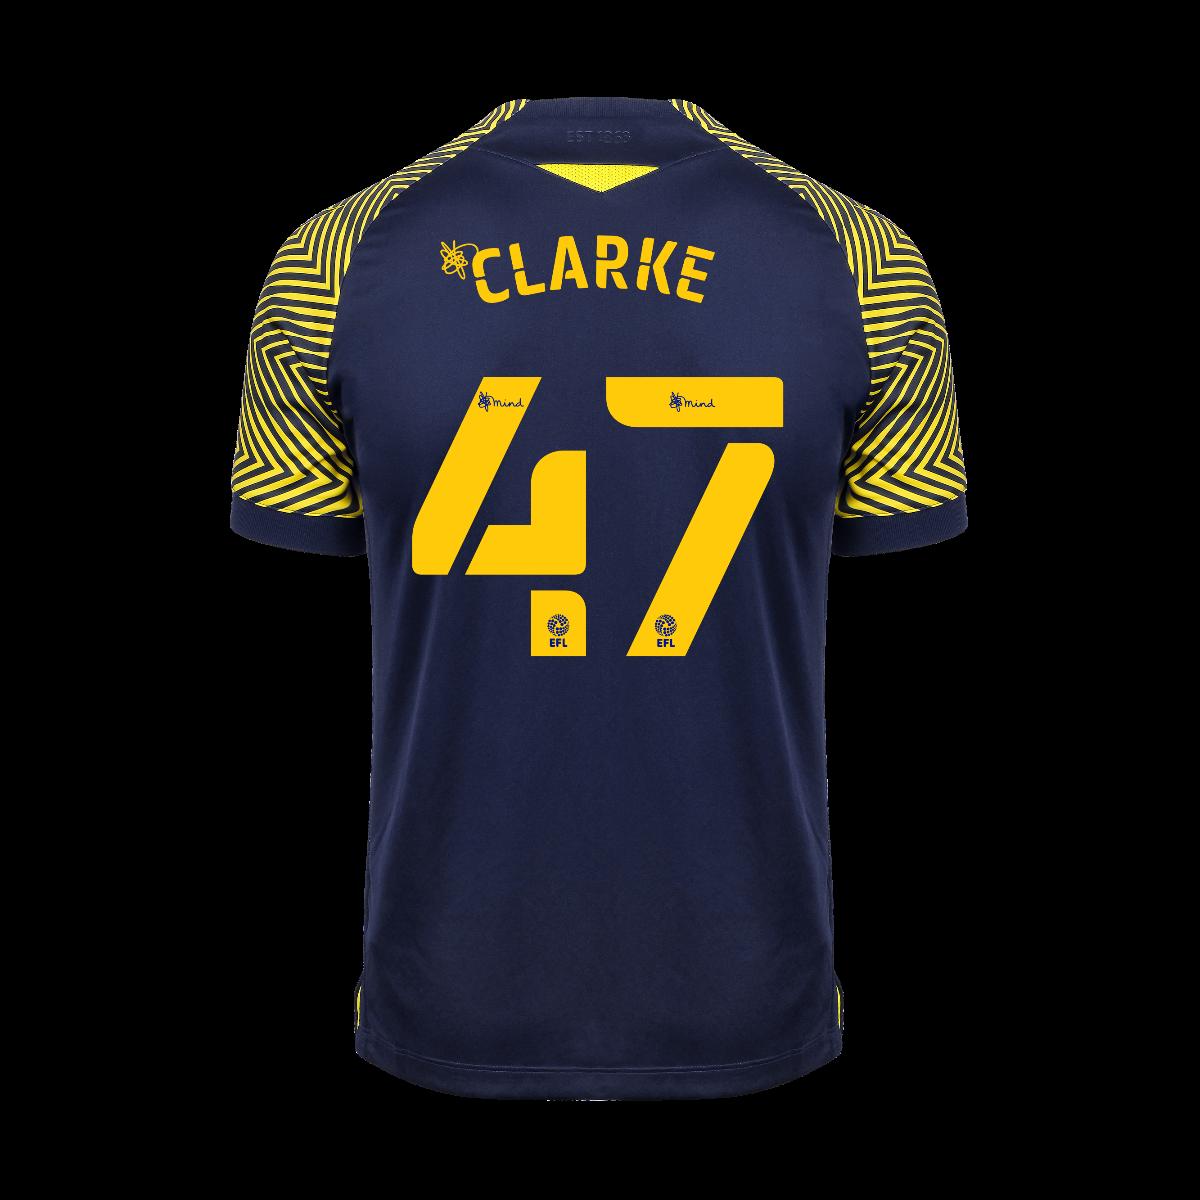 2020/21 Adult Away SS Shirt - Clarke